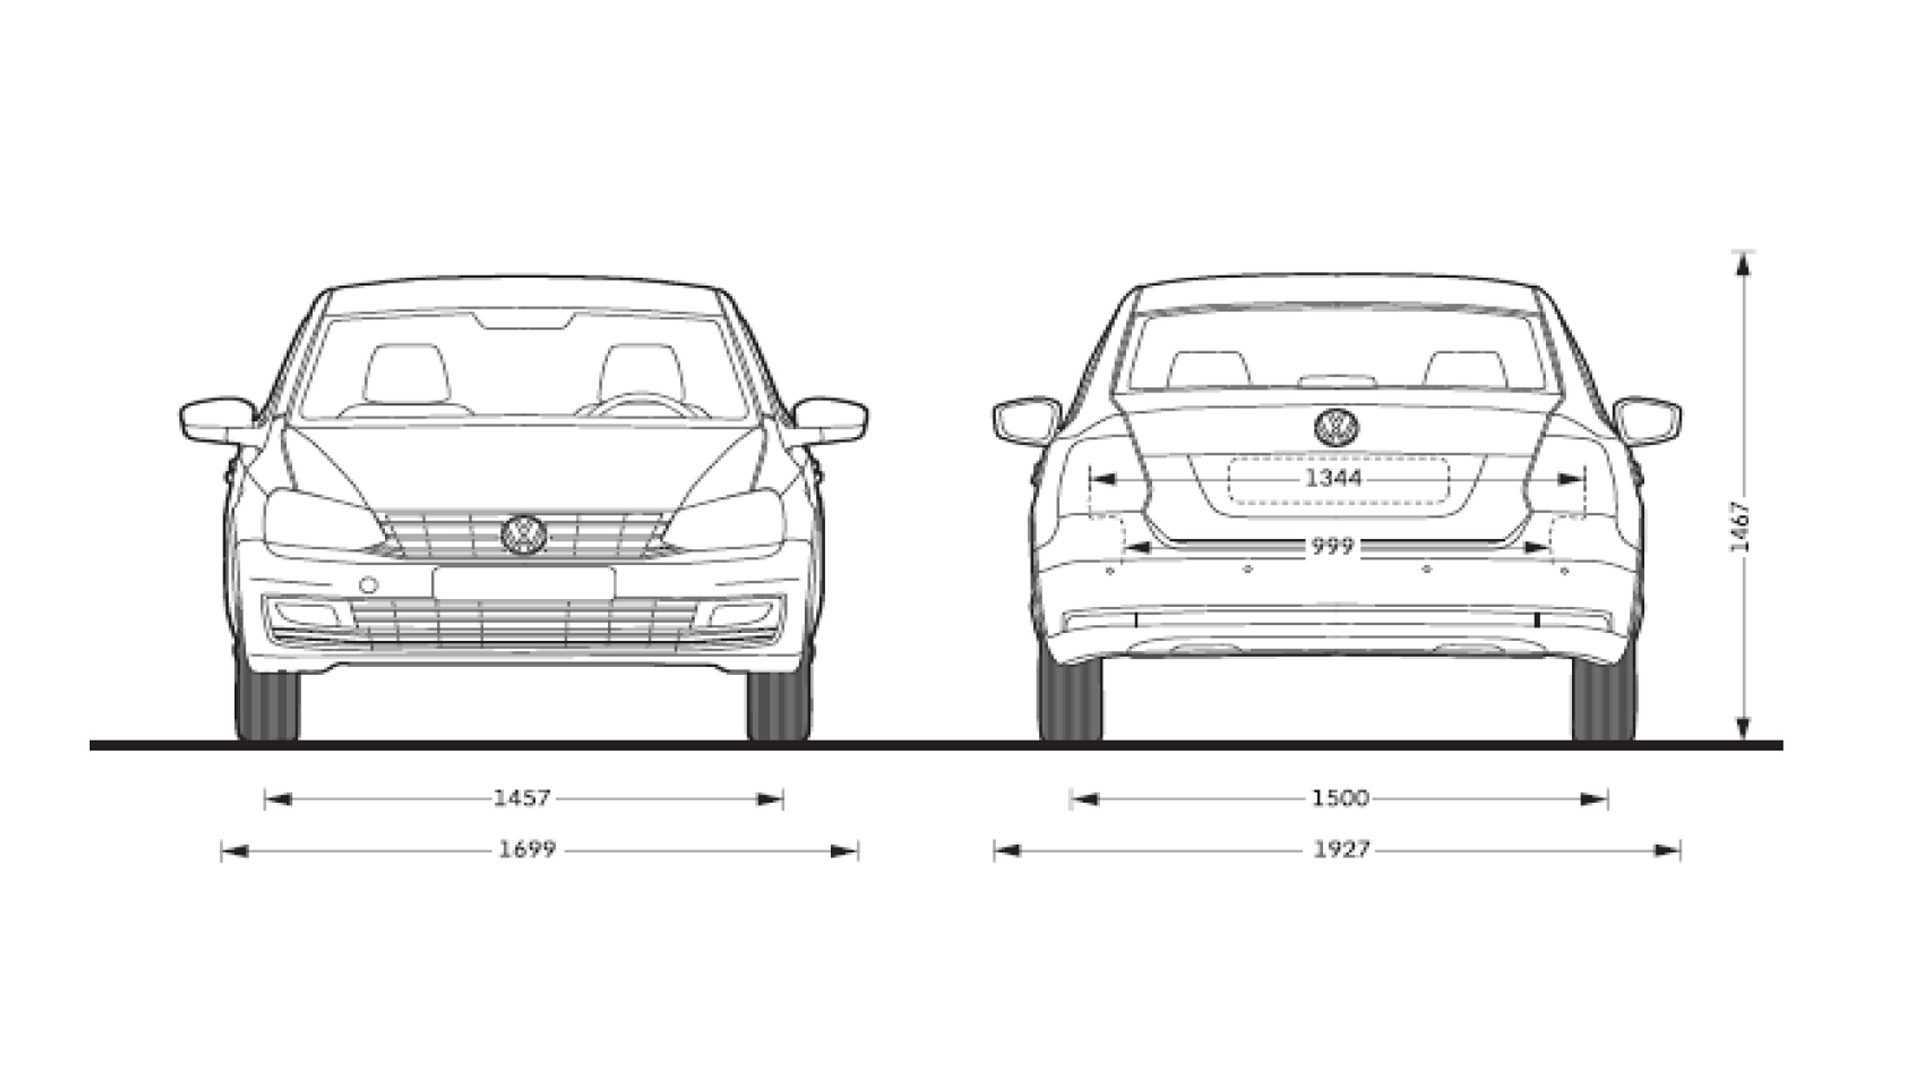 Обзор нового внедорожника фольксваген тару - volkswagen tharu 2020: технические характеристики, цена, модификация